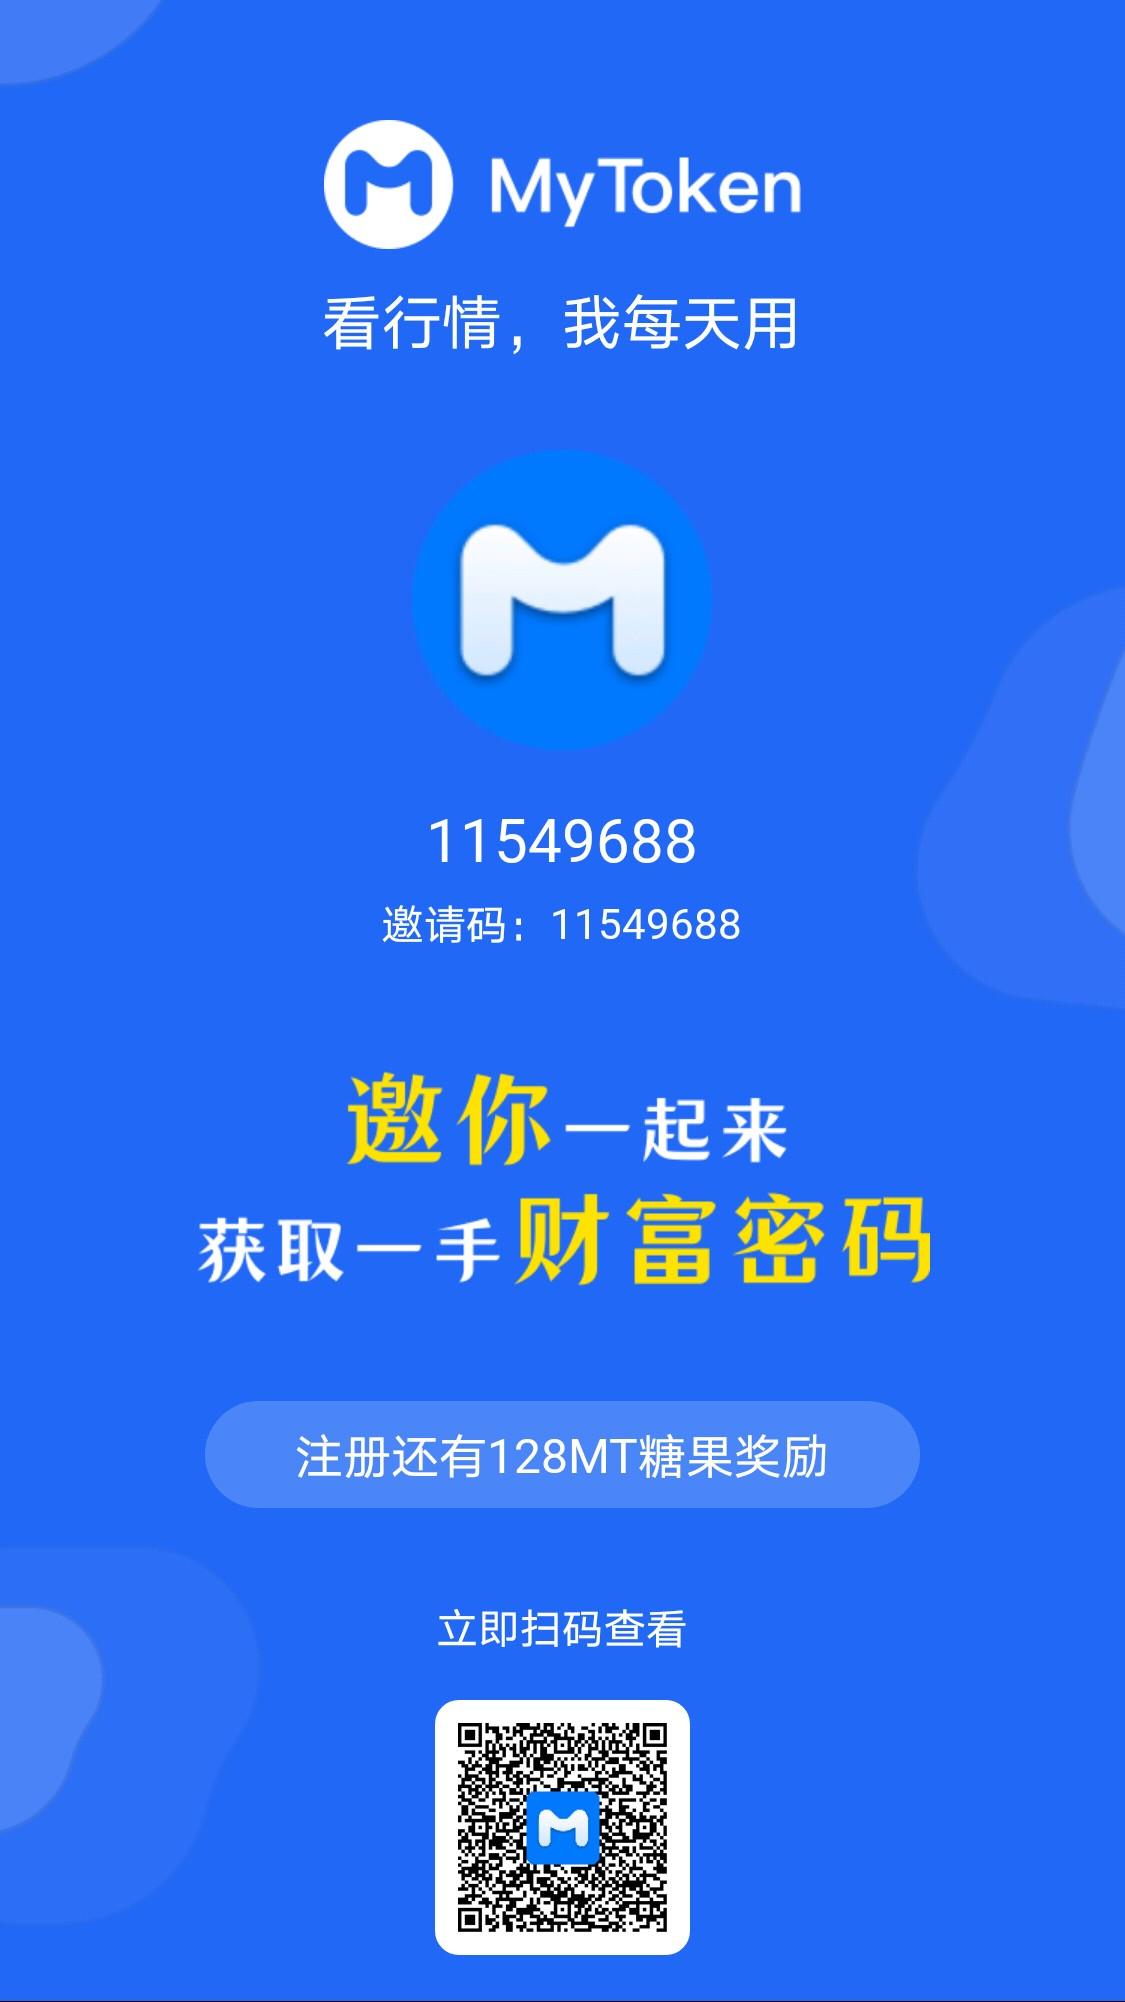 mytoken_share_1621930786300.jpg